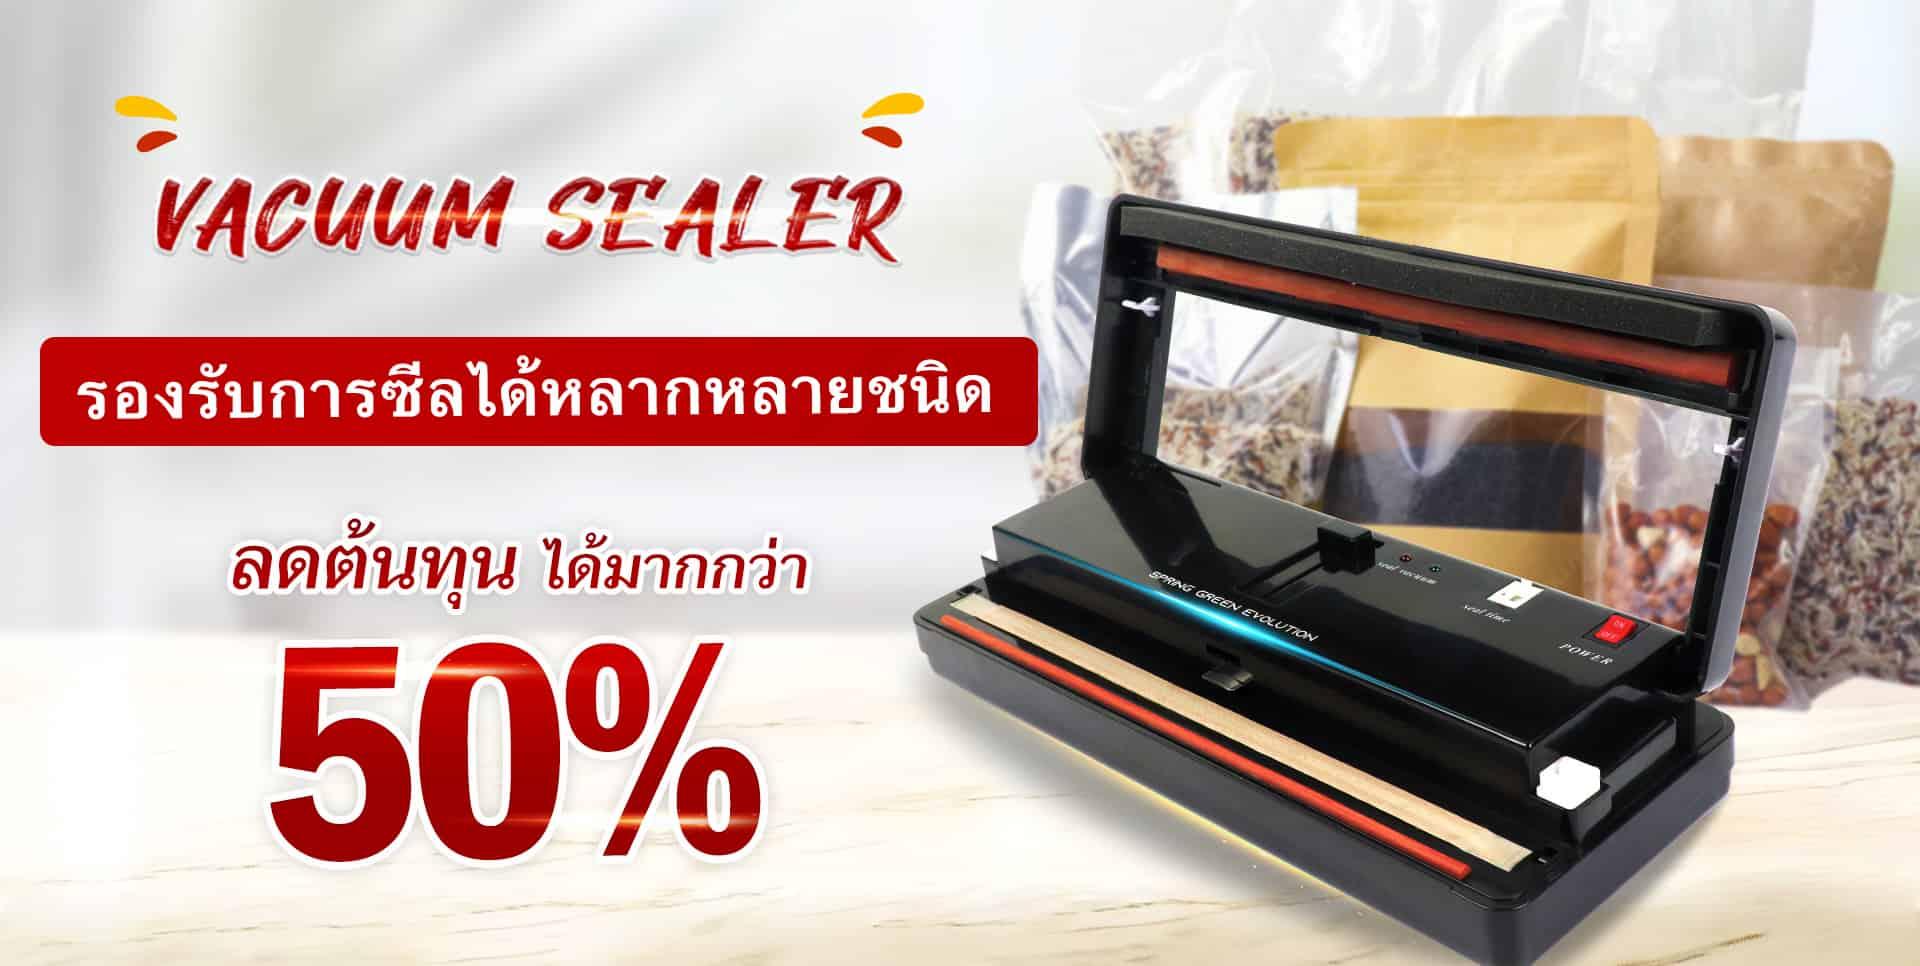 VC-LEE-ลดต้นทุน50%